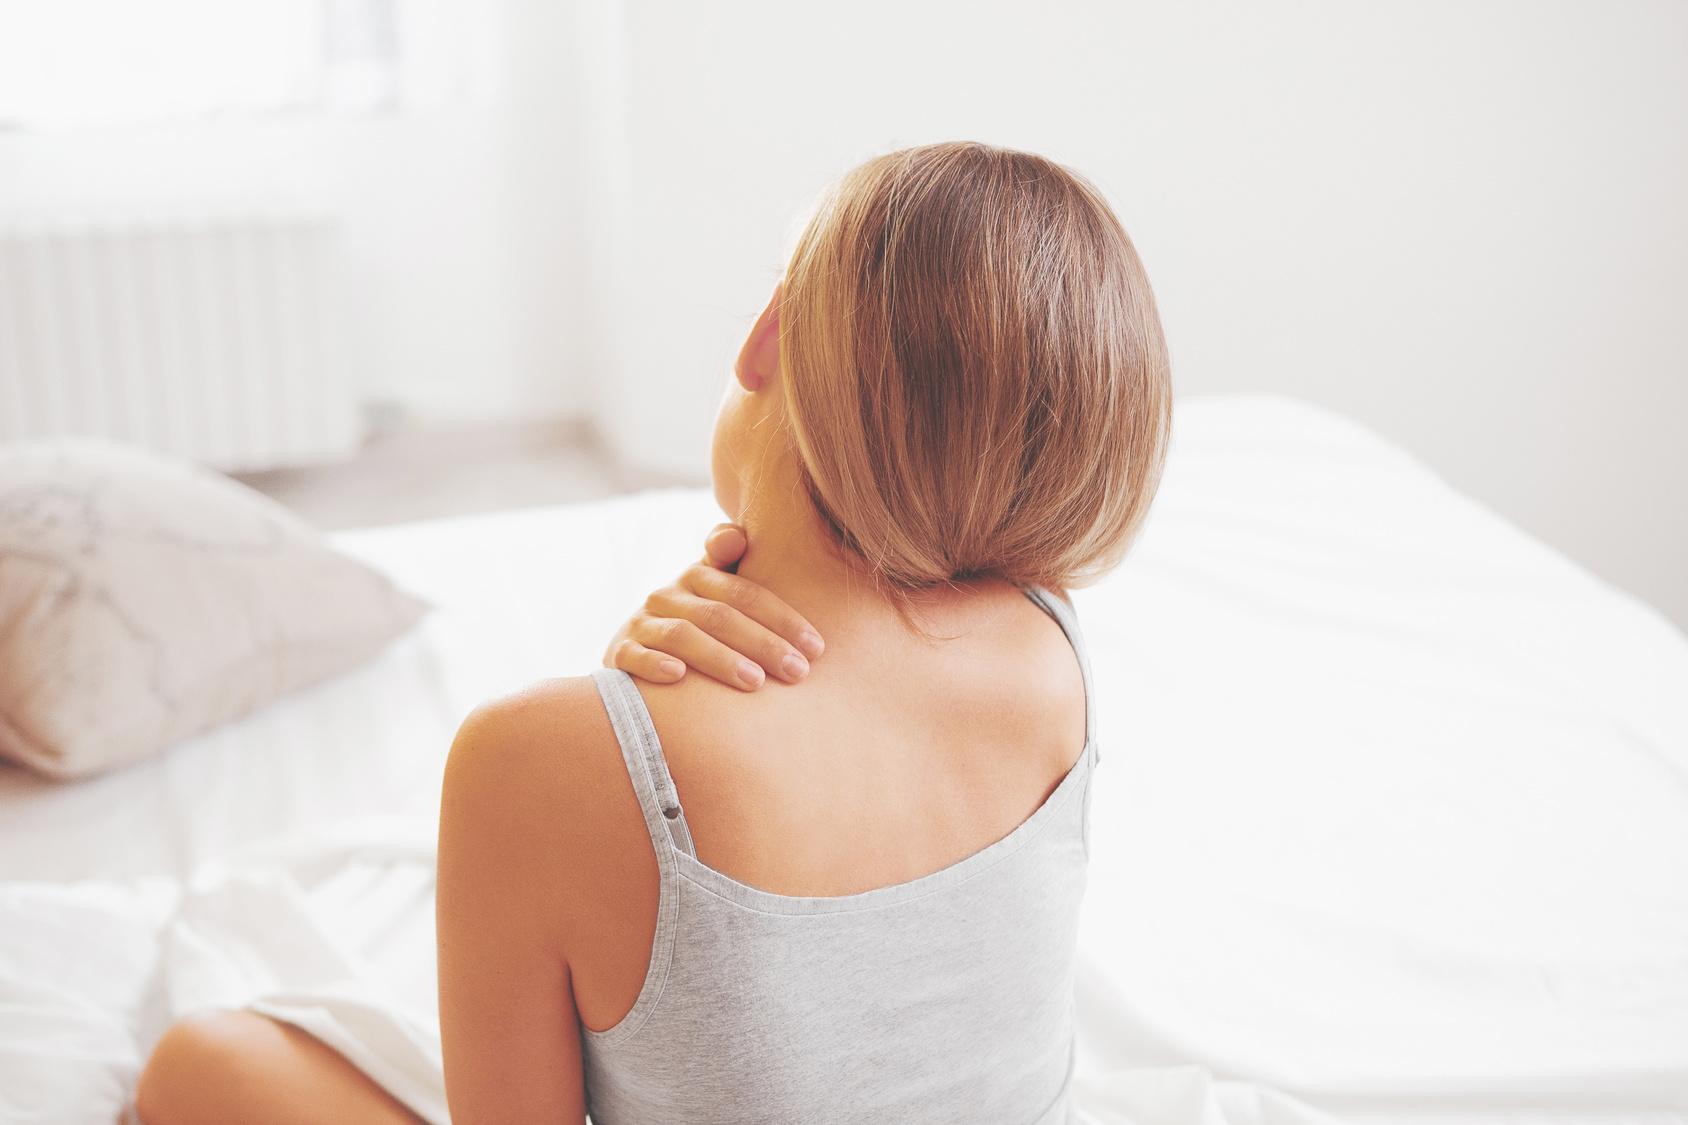 肩が痛い時は温めればいいの?冷やせばいいの?